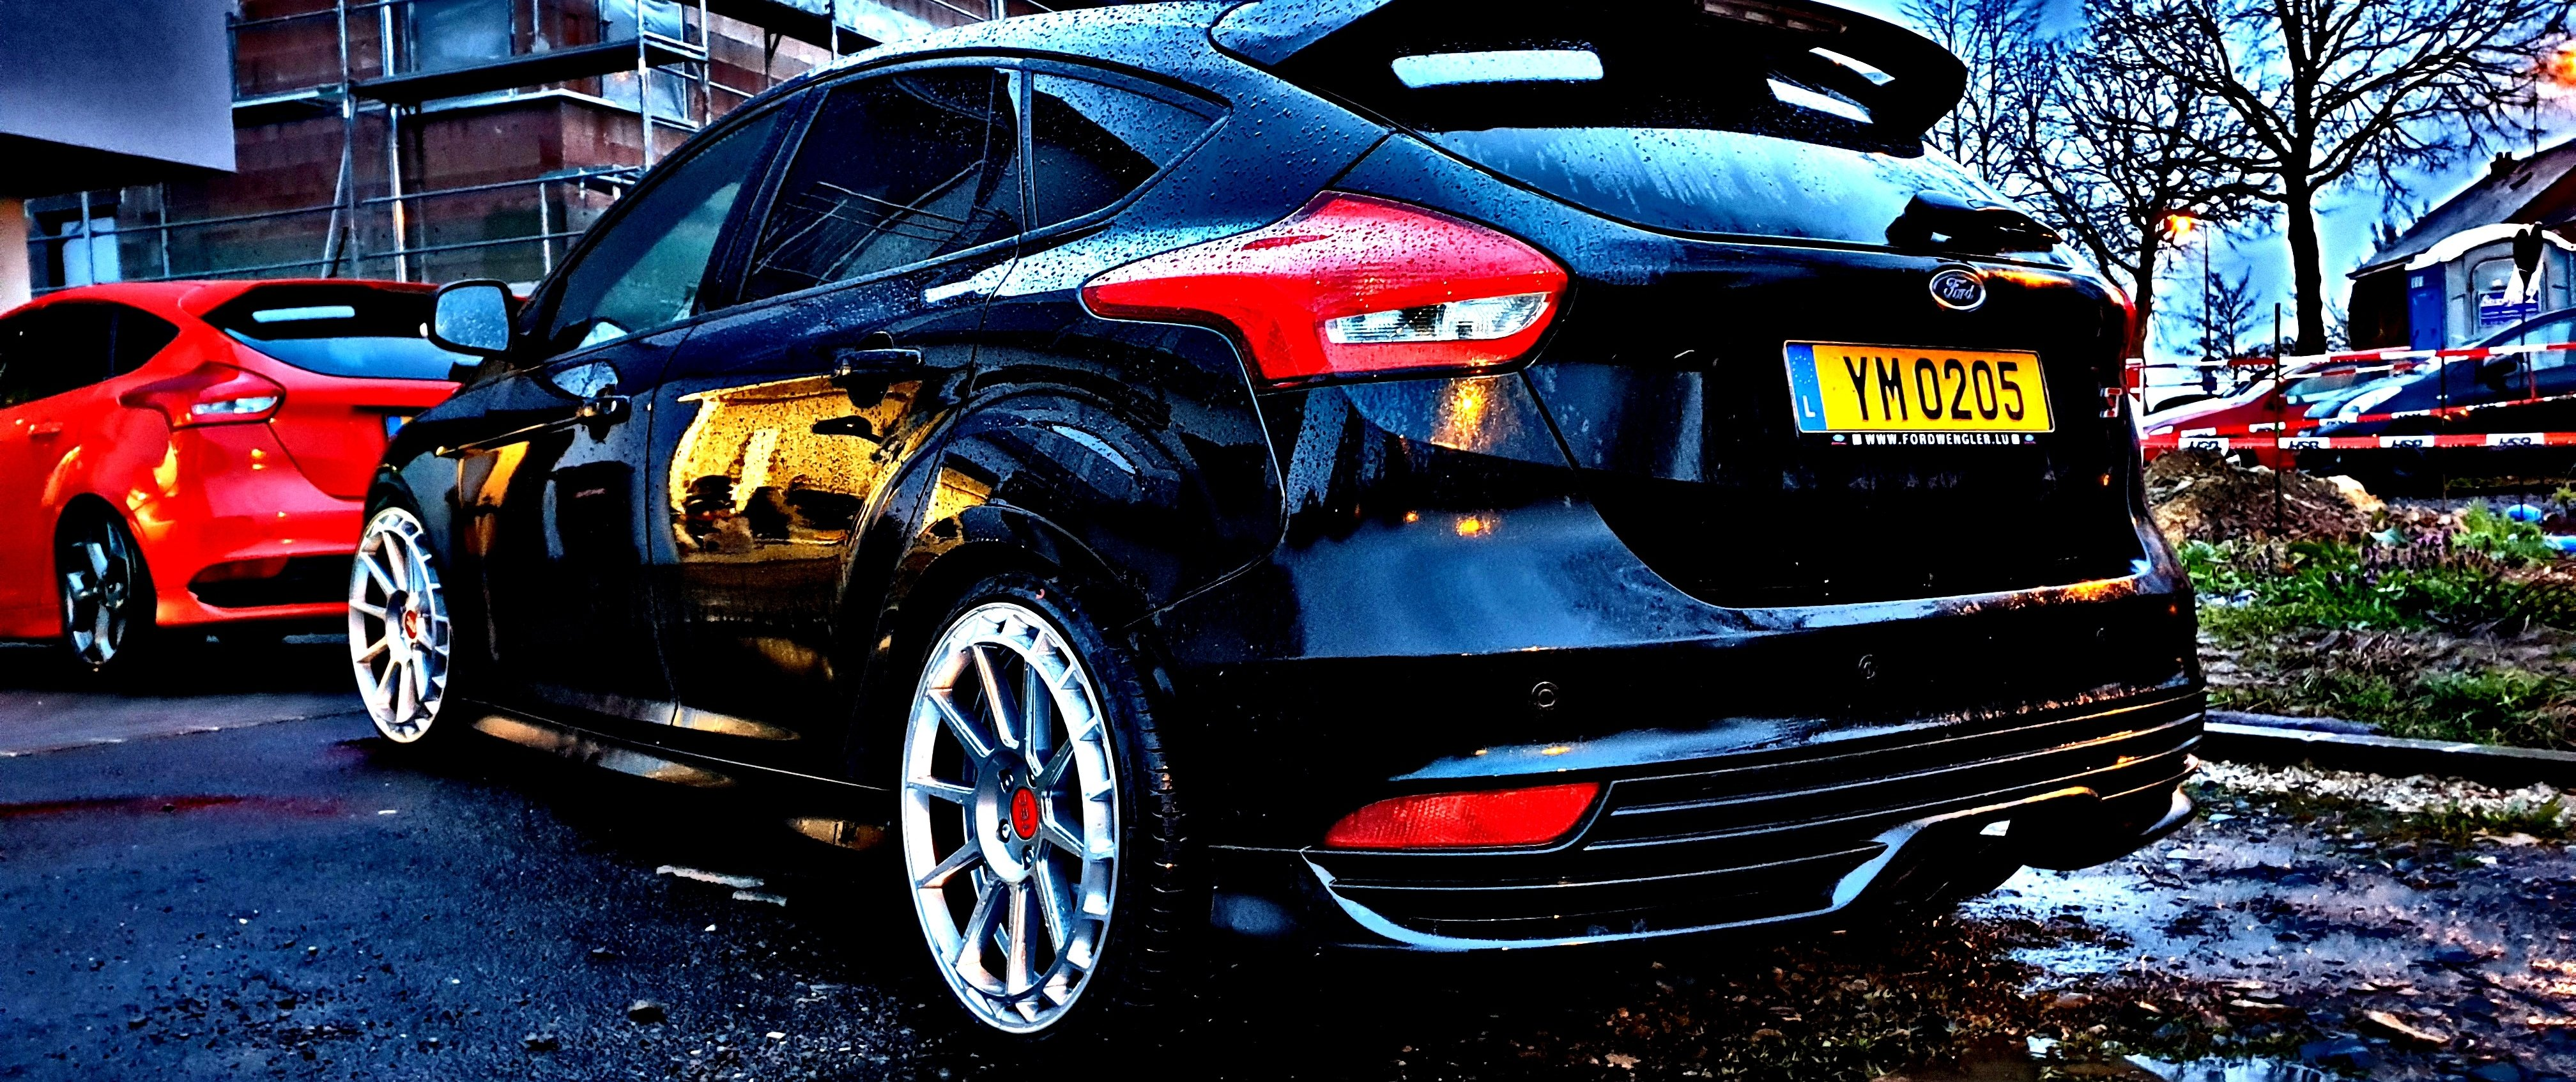 Ford – Focus – TEC WHEELS – GT8 – Silber – 19 Zoll